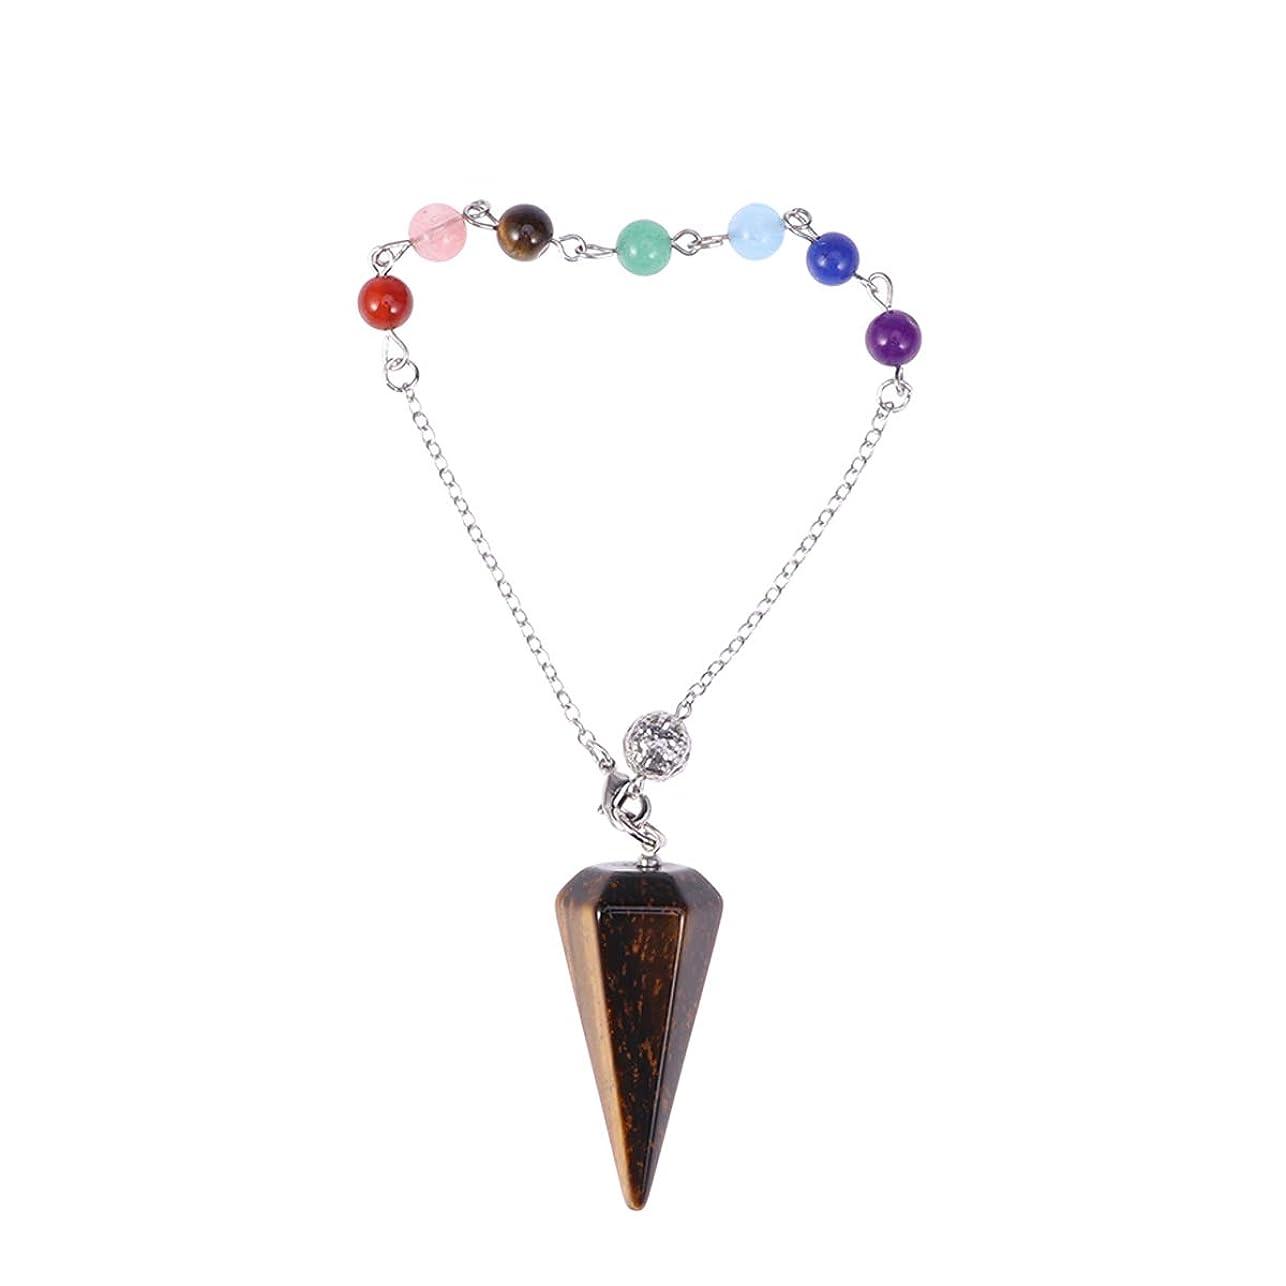 浸す雄弁エイリアスHEALIFTY 天然水晶六角形ペンダントチャクラチェーンペンダント(タイガーアイ宝石)